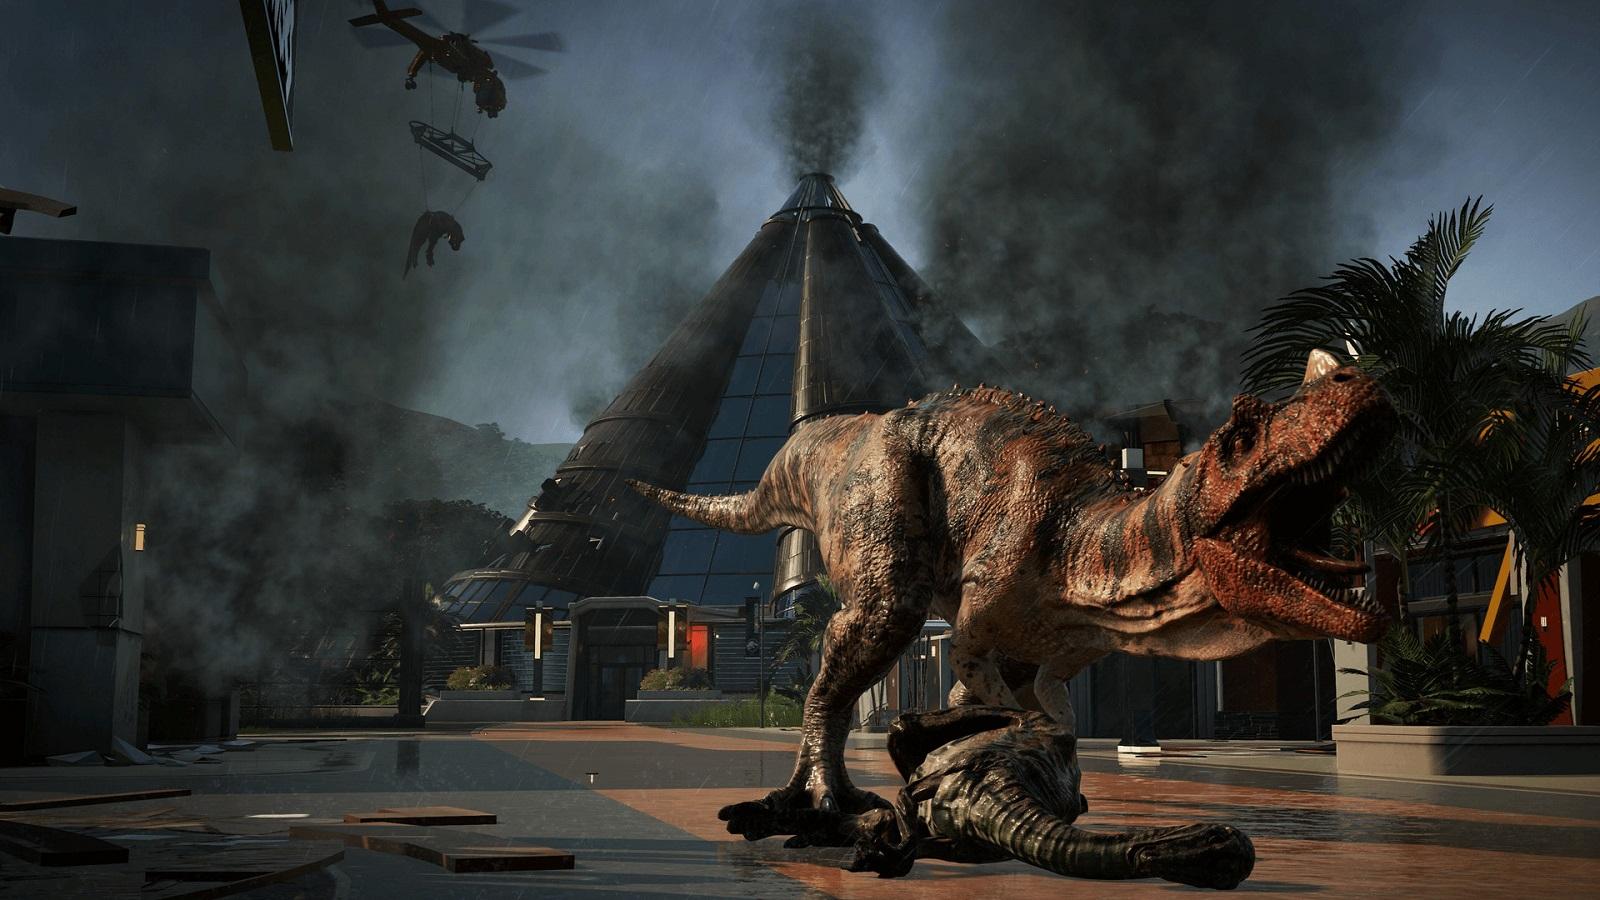 В EGS началась последняя предновогодняя раздача — до 7 января бесплатной стала Jurassic World Evolution